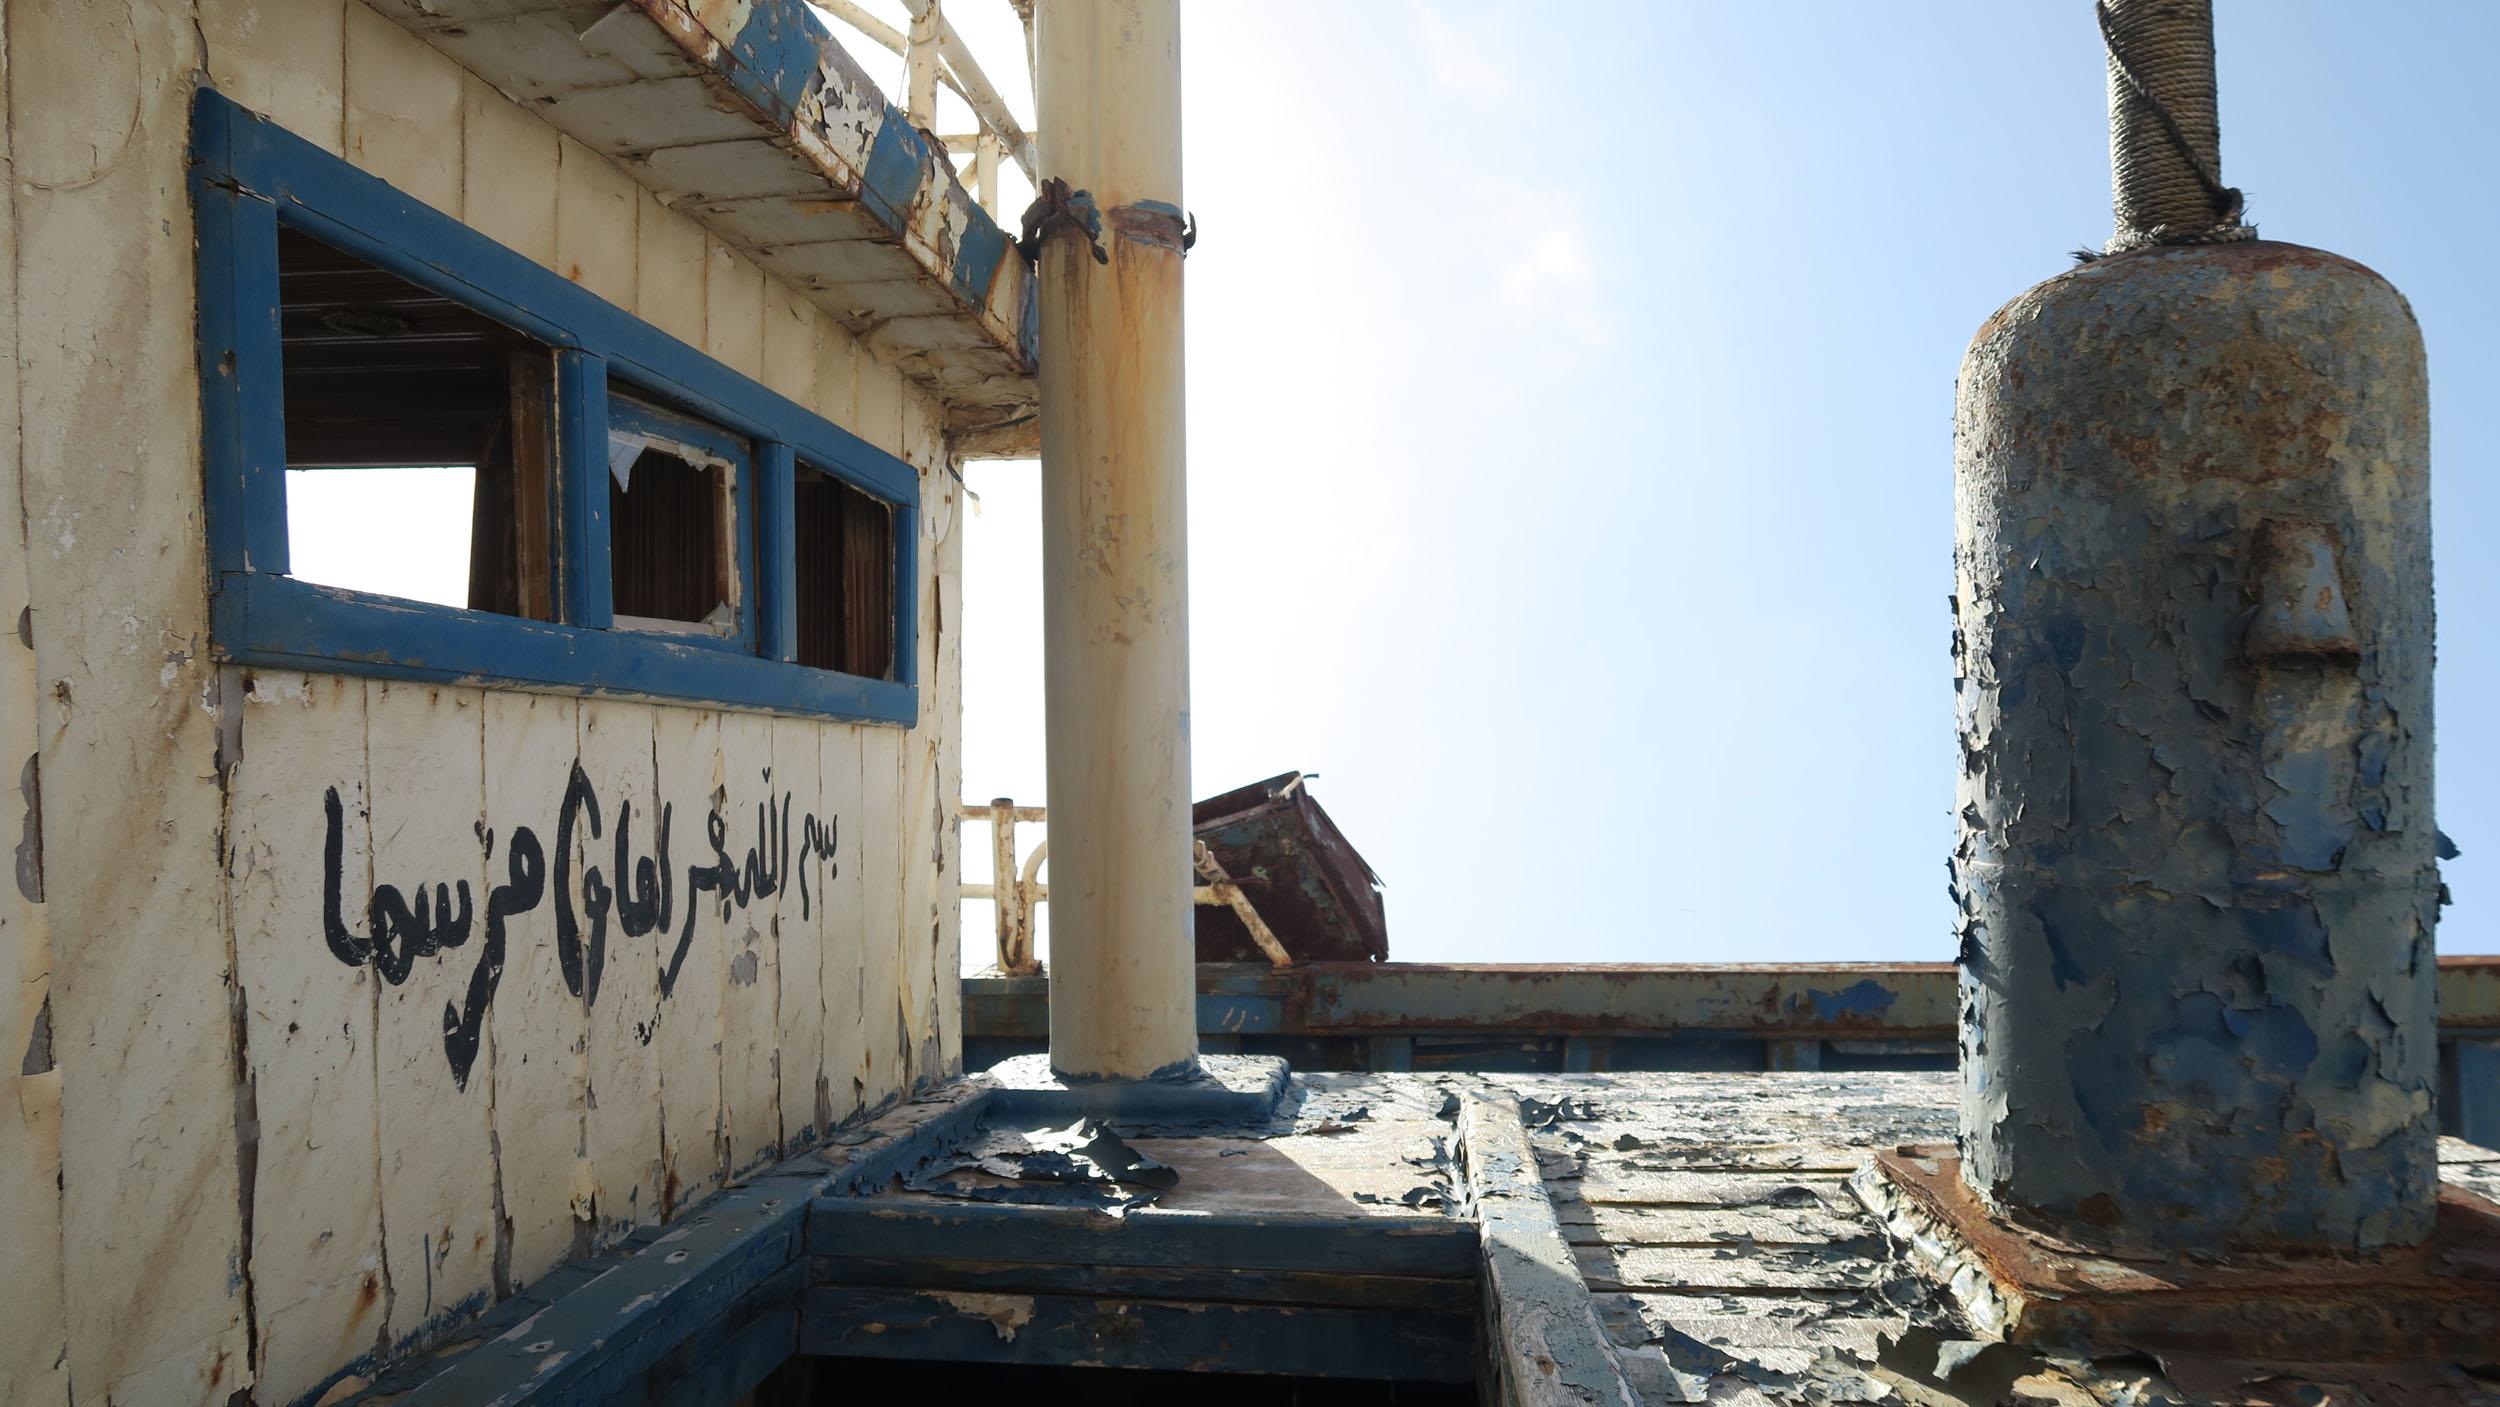 GGD_Lampedusa_IMG_2979.jpg